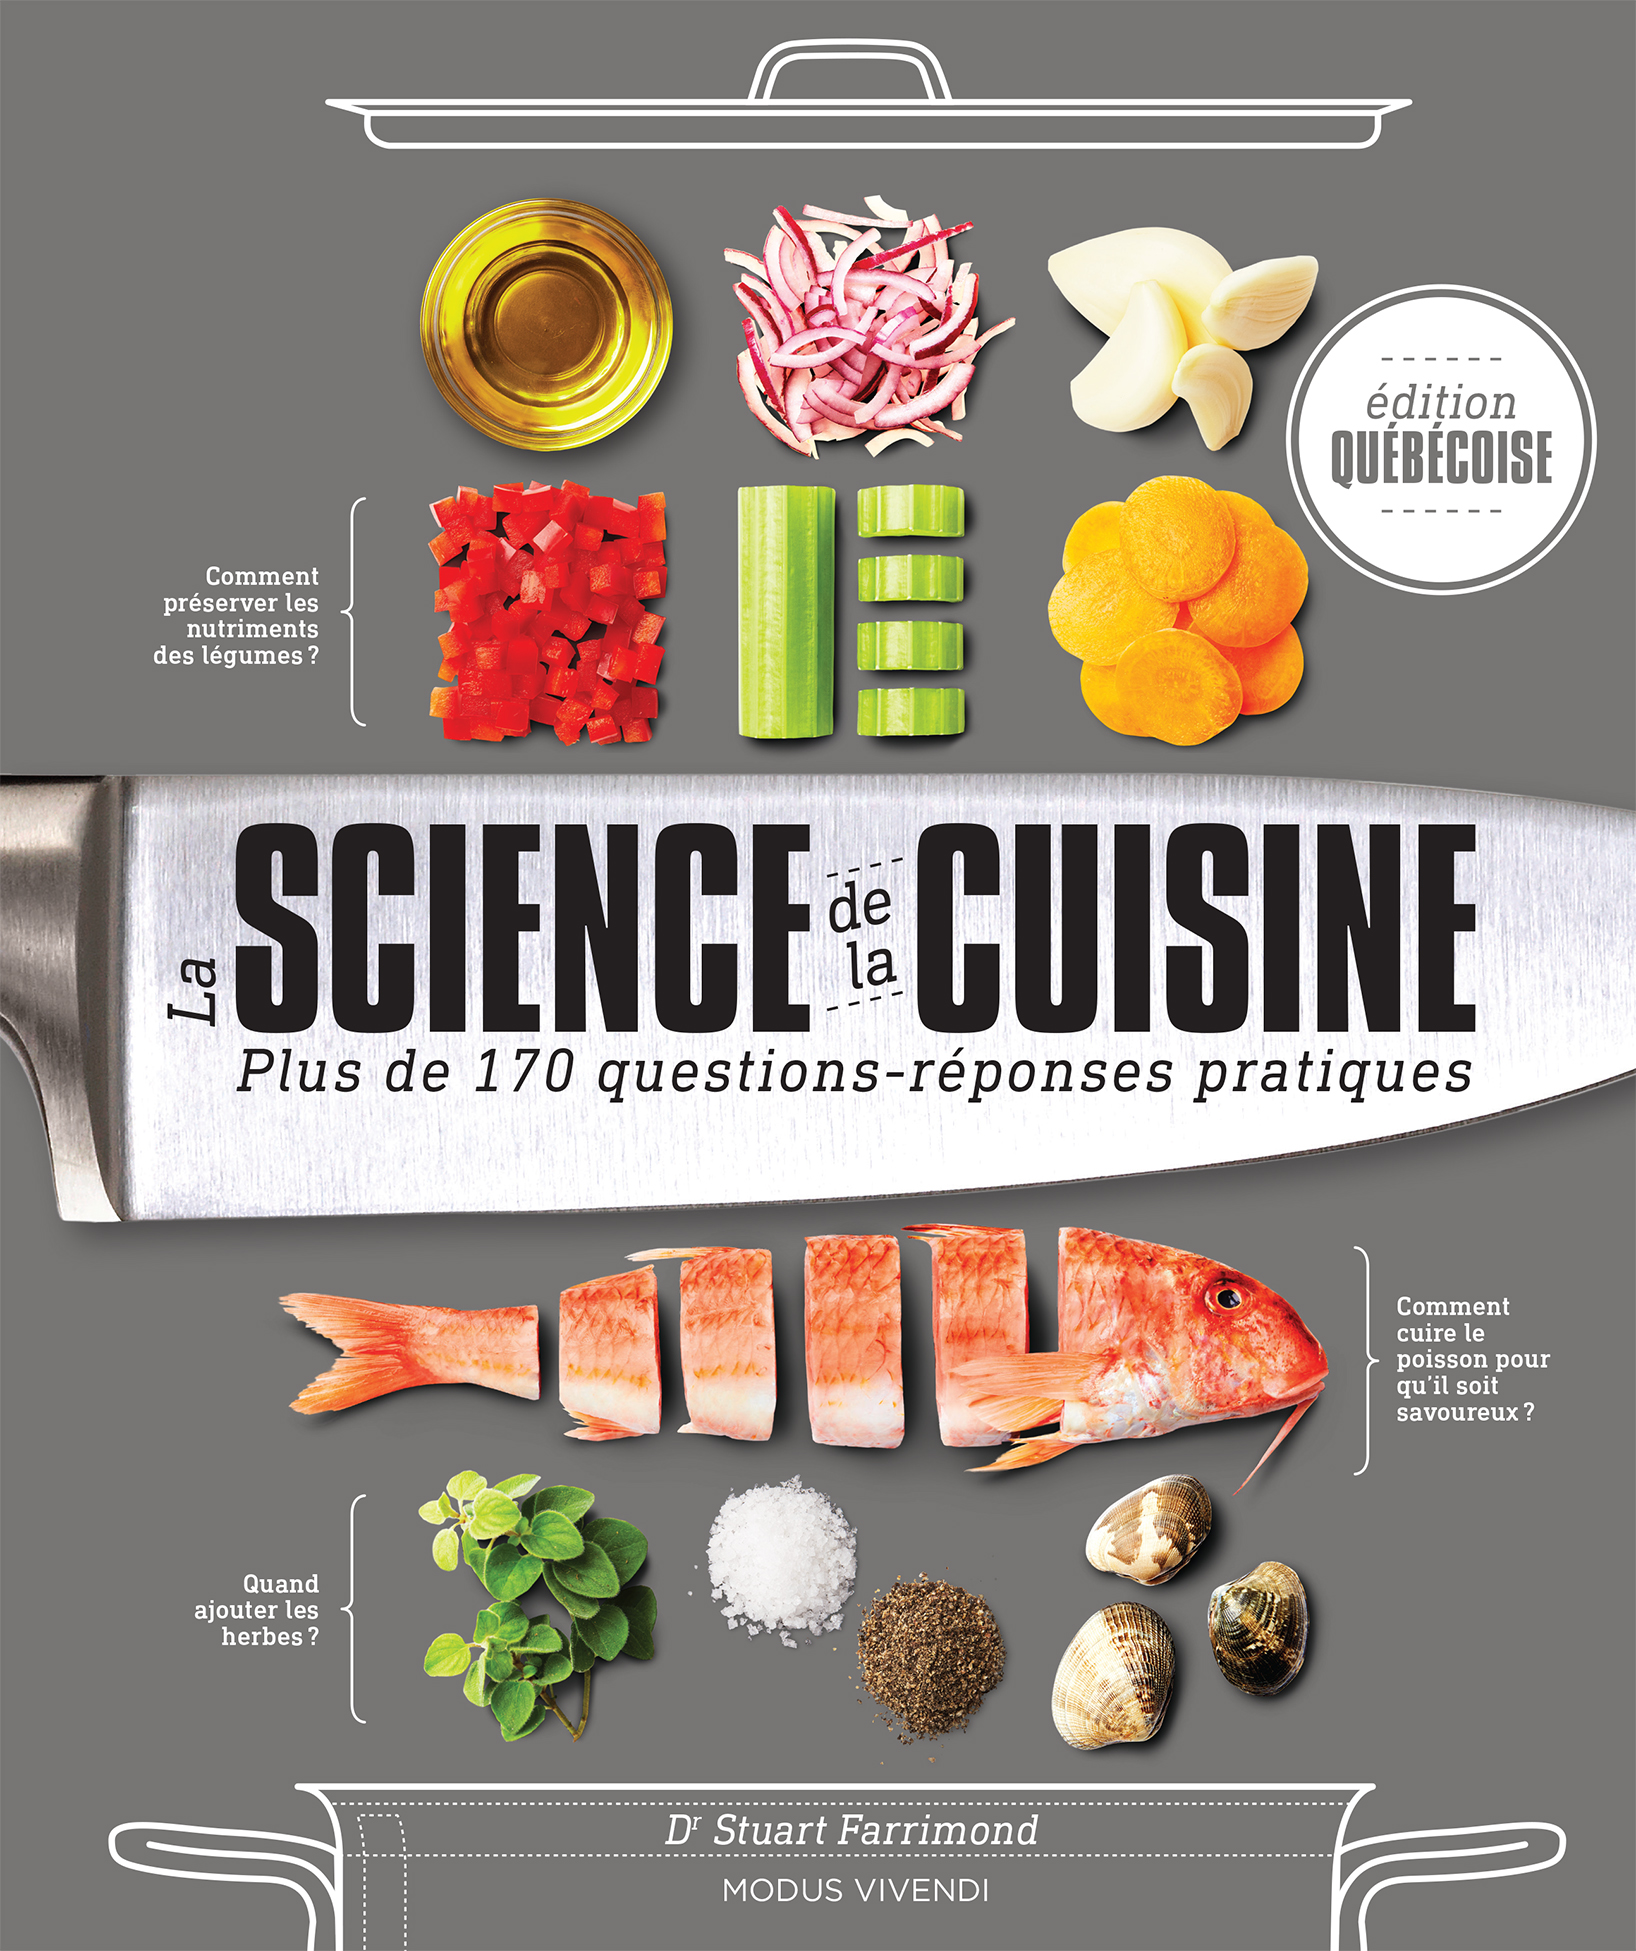 science de la cuisine